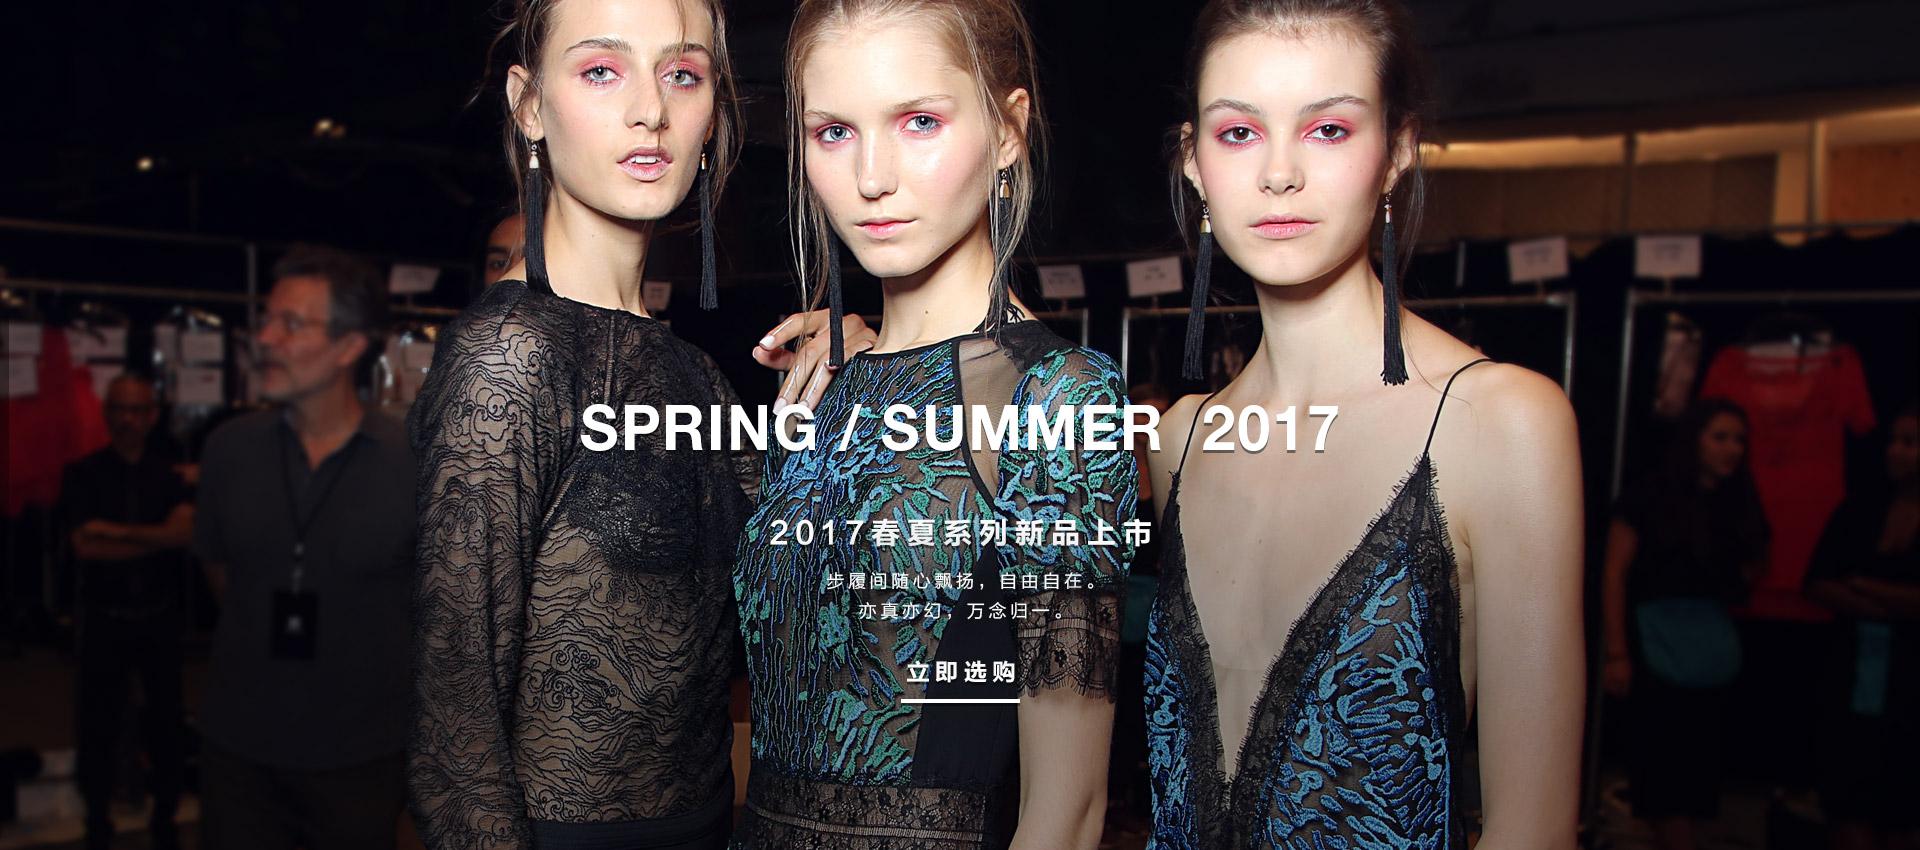 2017春夏系列新品上市